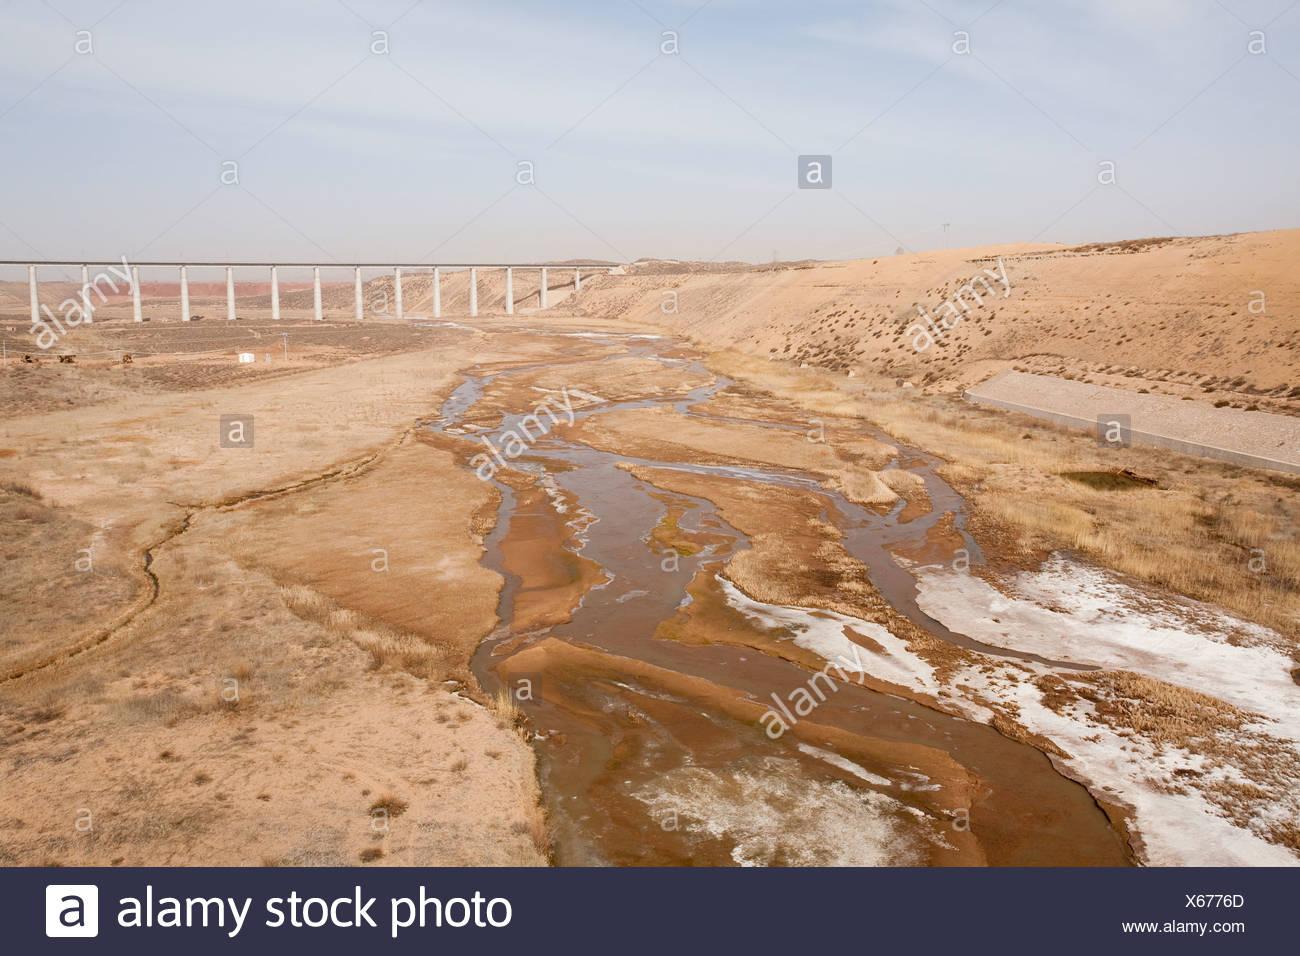 Basso livello dell'acqua nella provincia dello Shanxi cina causati dal cambiamento climatico Immagini Stock